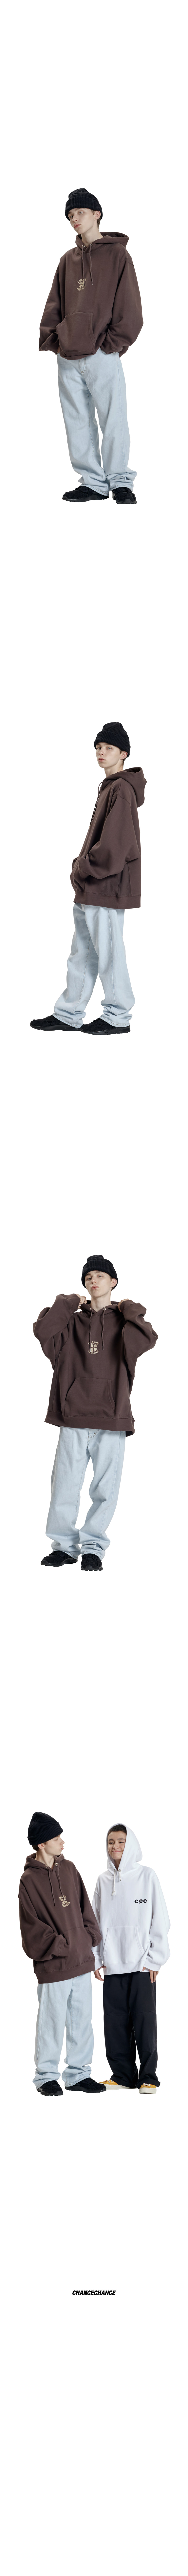 챈스챈스(CHANCECHANCE) CLOVER Hoody-T(Brown/기모)